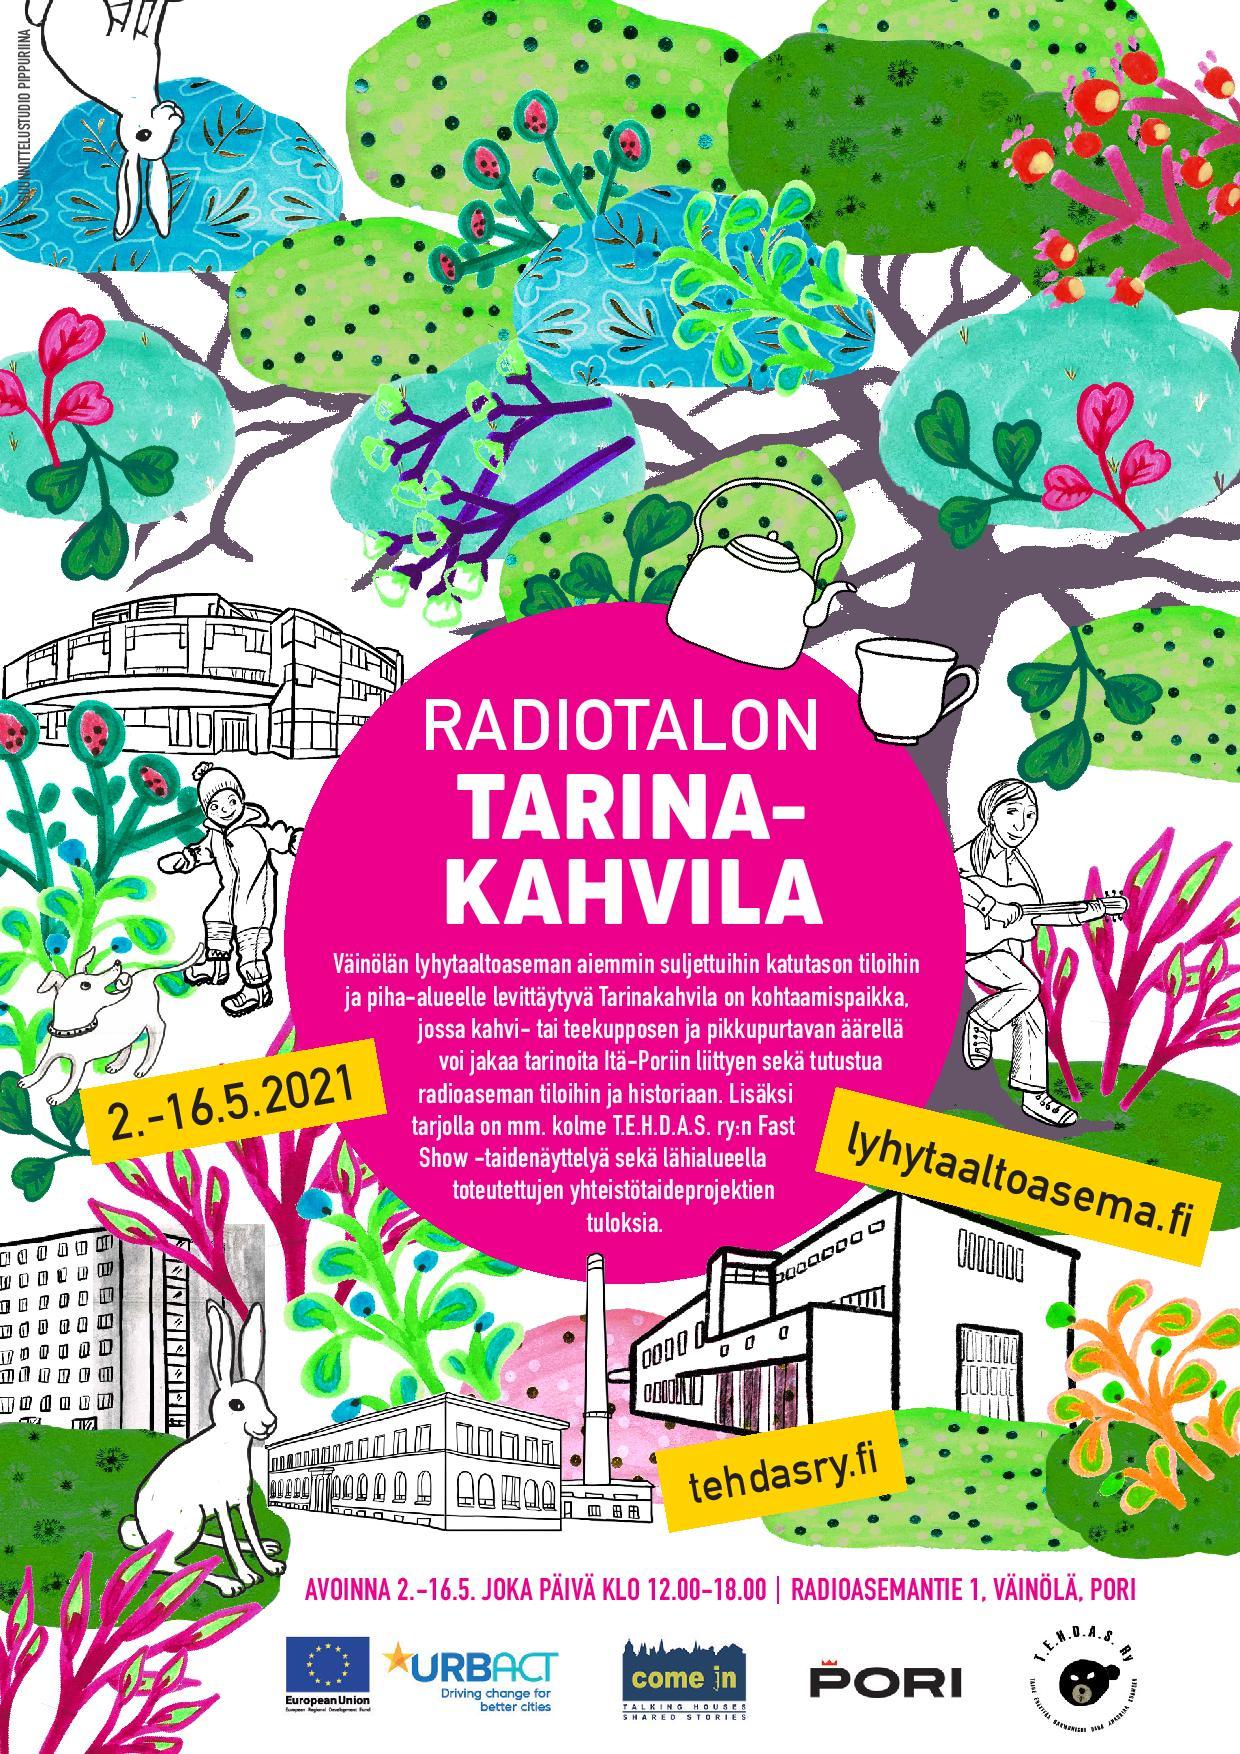 Radiotalon Tarinakahvila